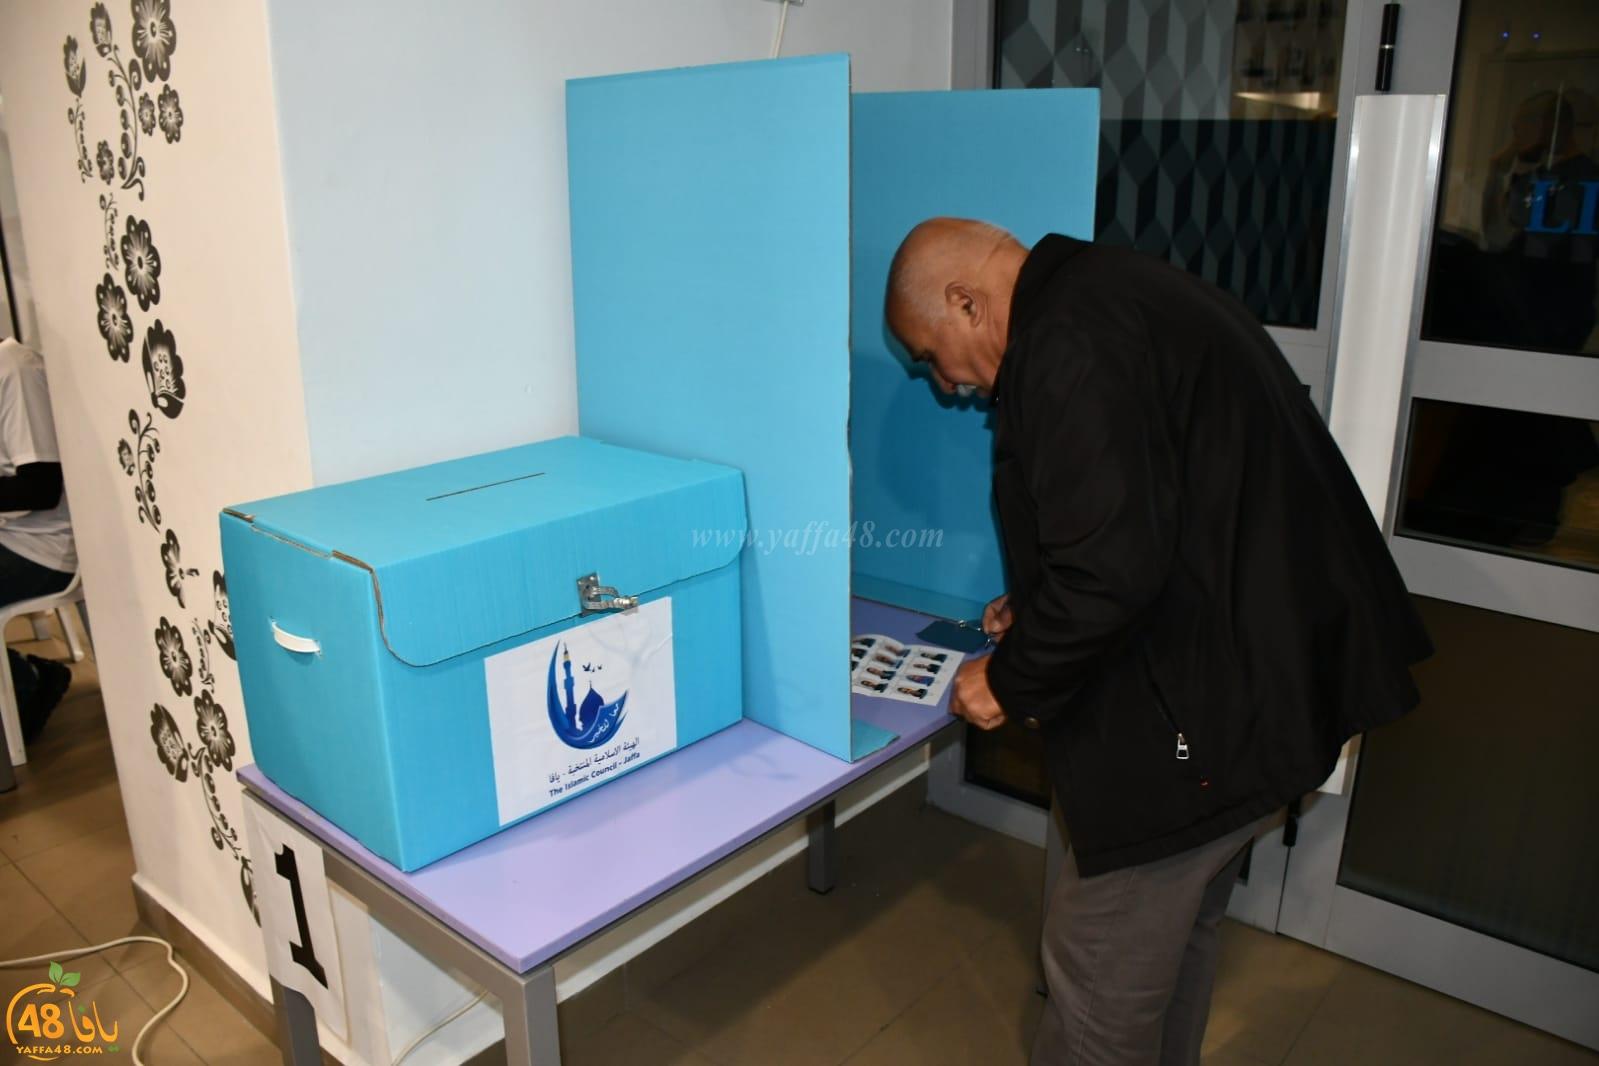 فيديو: انطلاق العملية الانتخابية لادارة الهيئة الاسلامية في دورتها الـ15